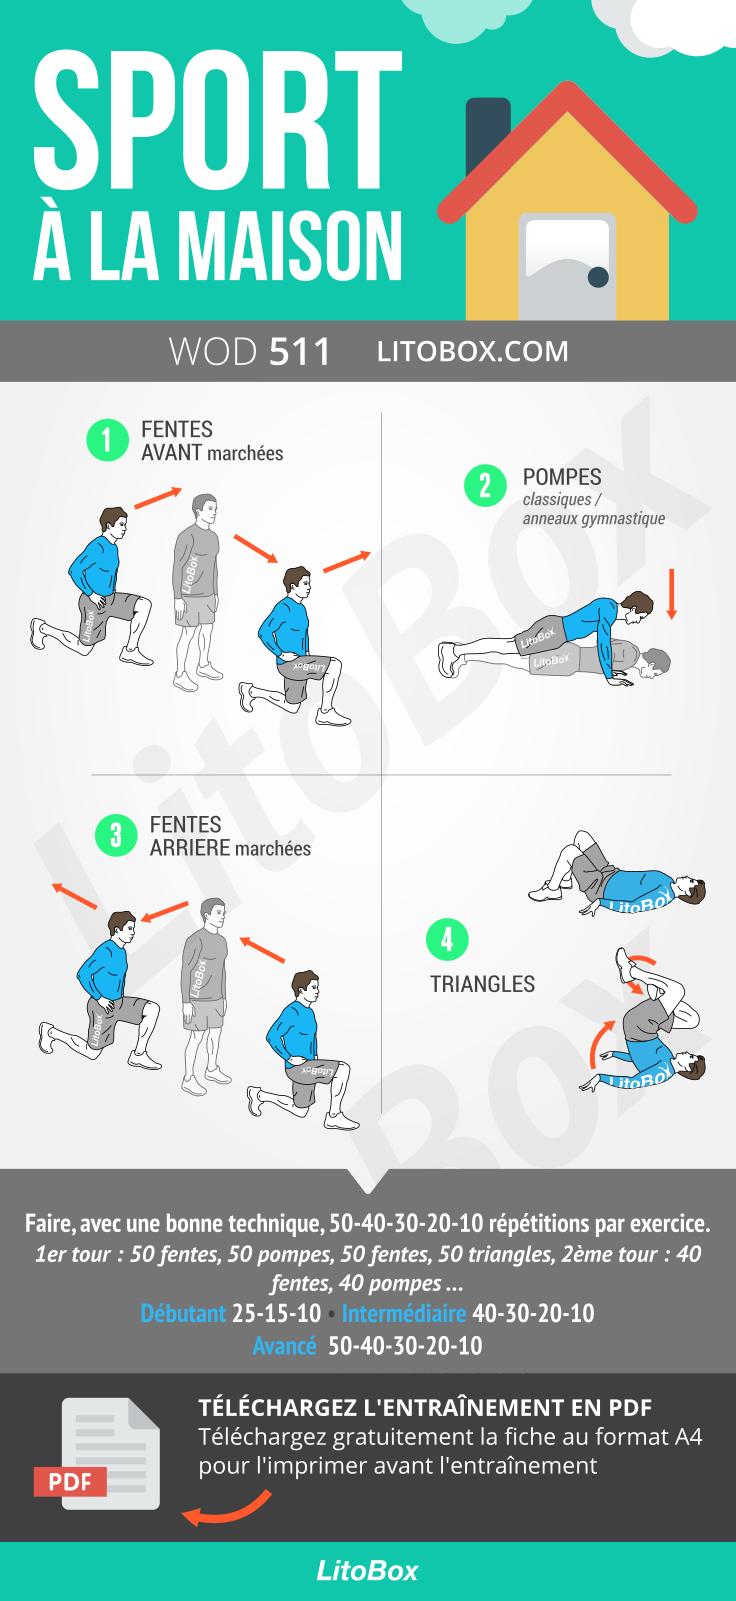 Sport A La Maison 600 Repetitions Pdf A Telecharger Musculation A La Maison Programme Sportif Programme Musculation